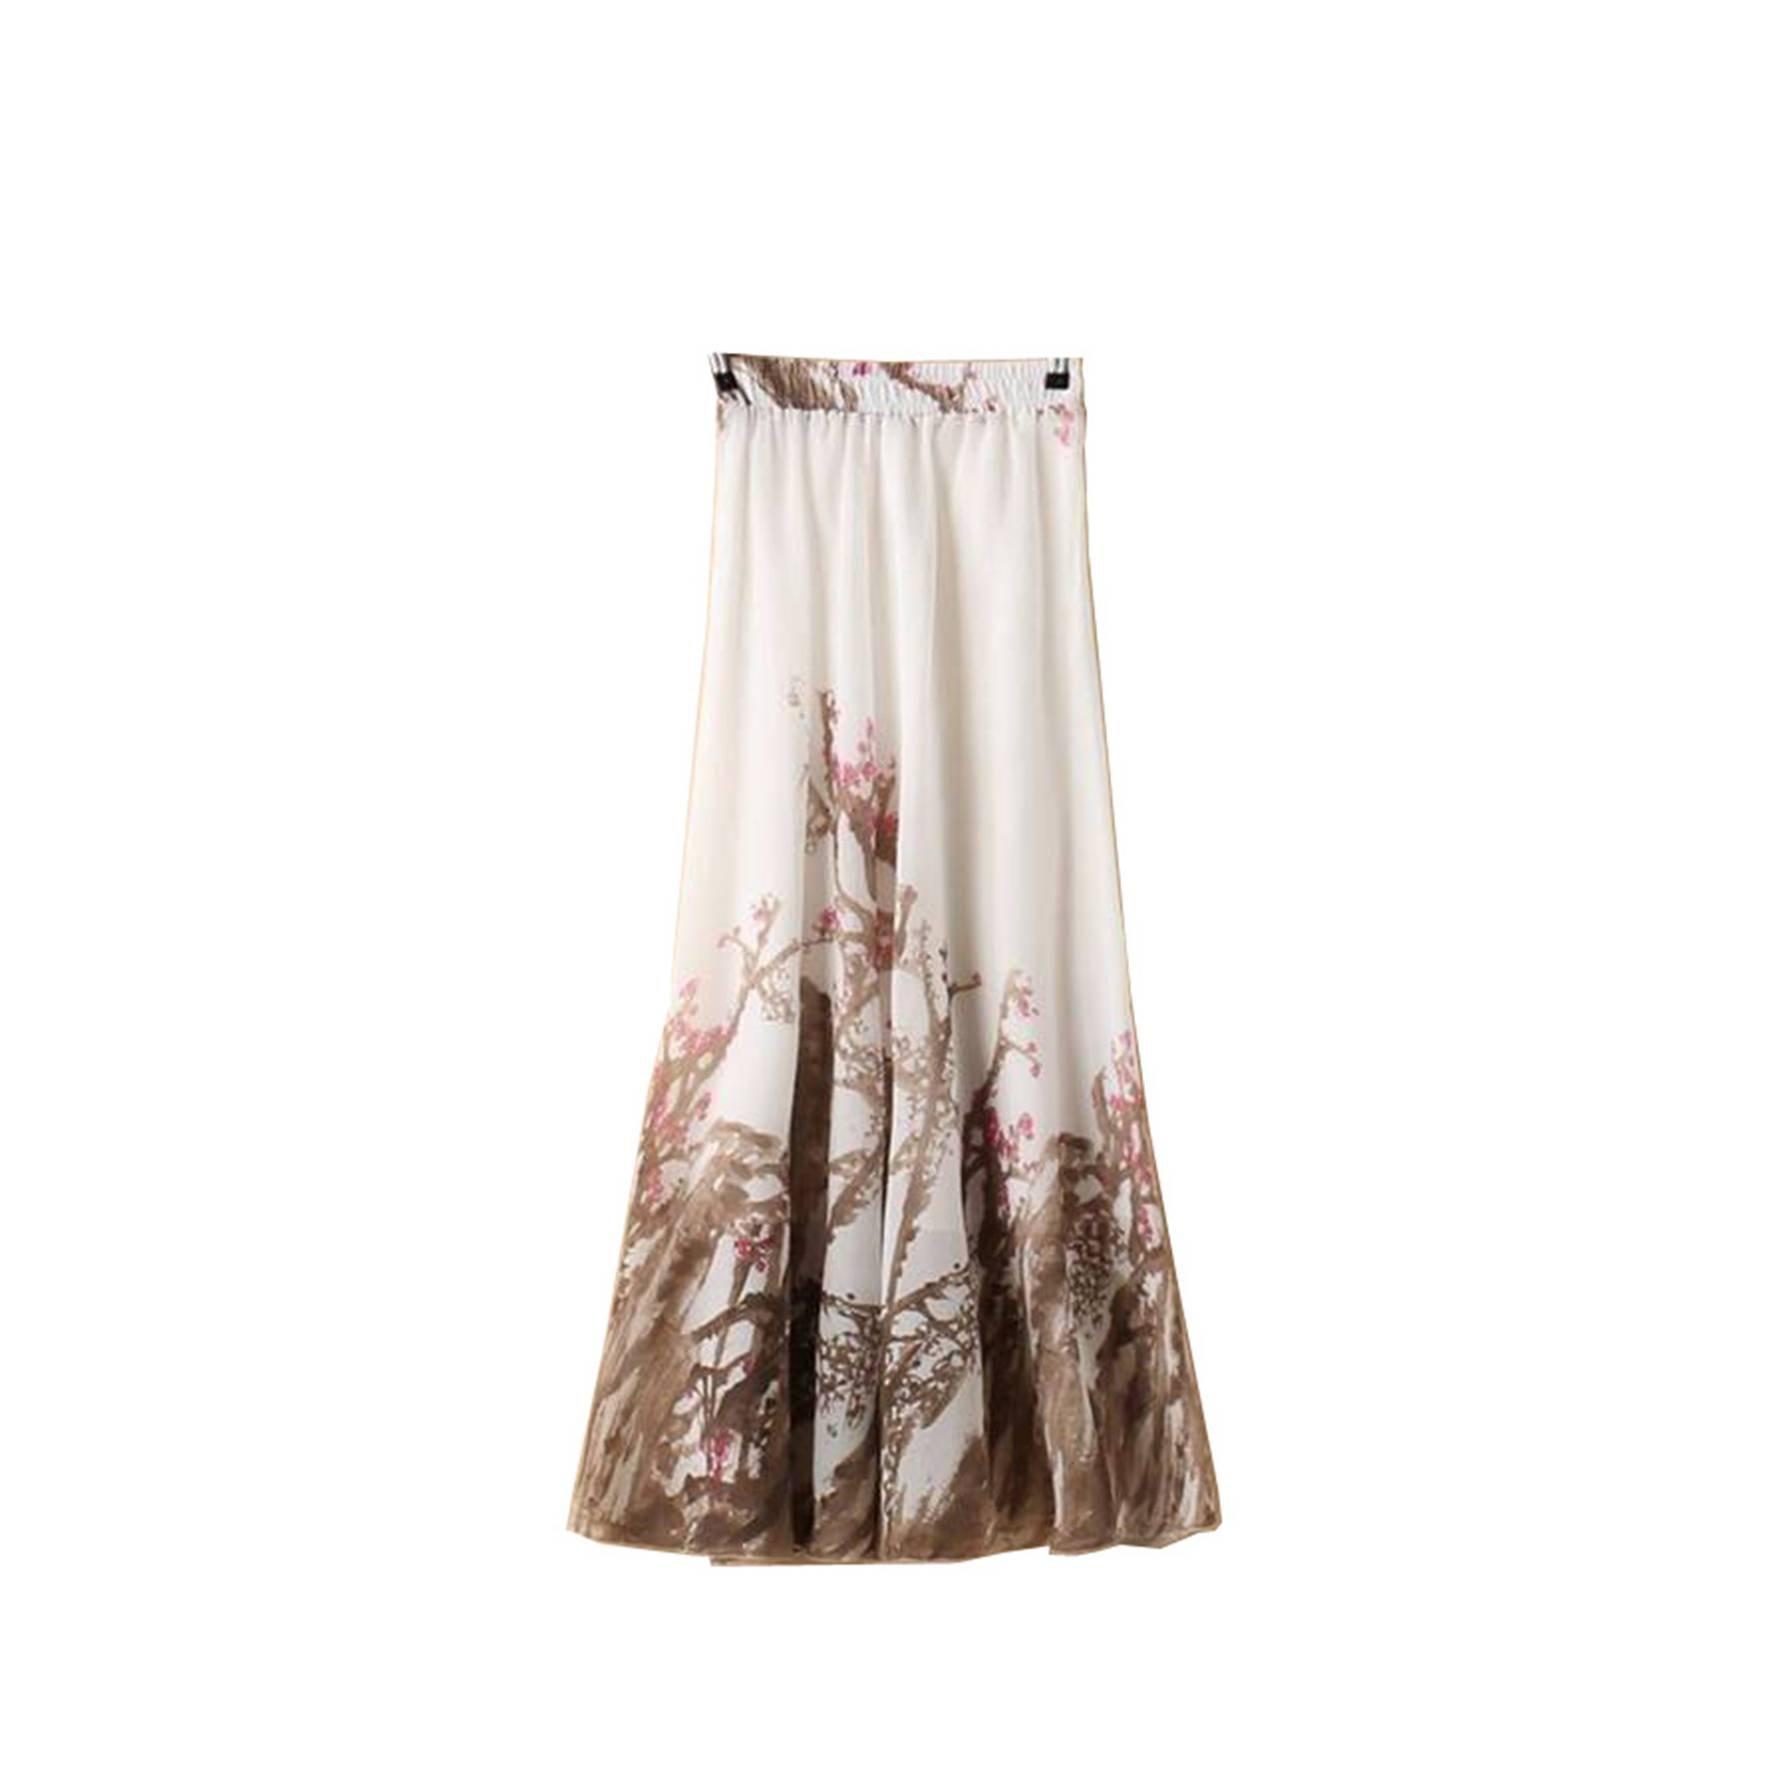 Kaxuyiiy Women's Boho Flower Chinese Painting Beach Maxi Elastic Waist Long Skirt (Brown Plum Flower)